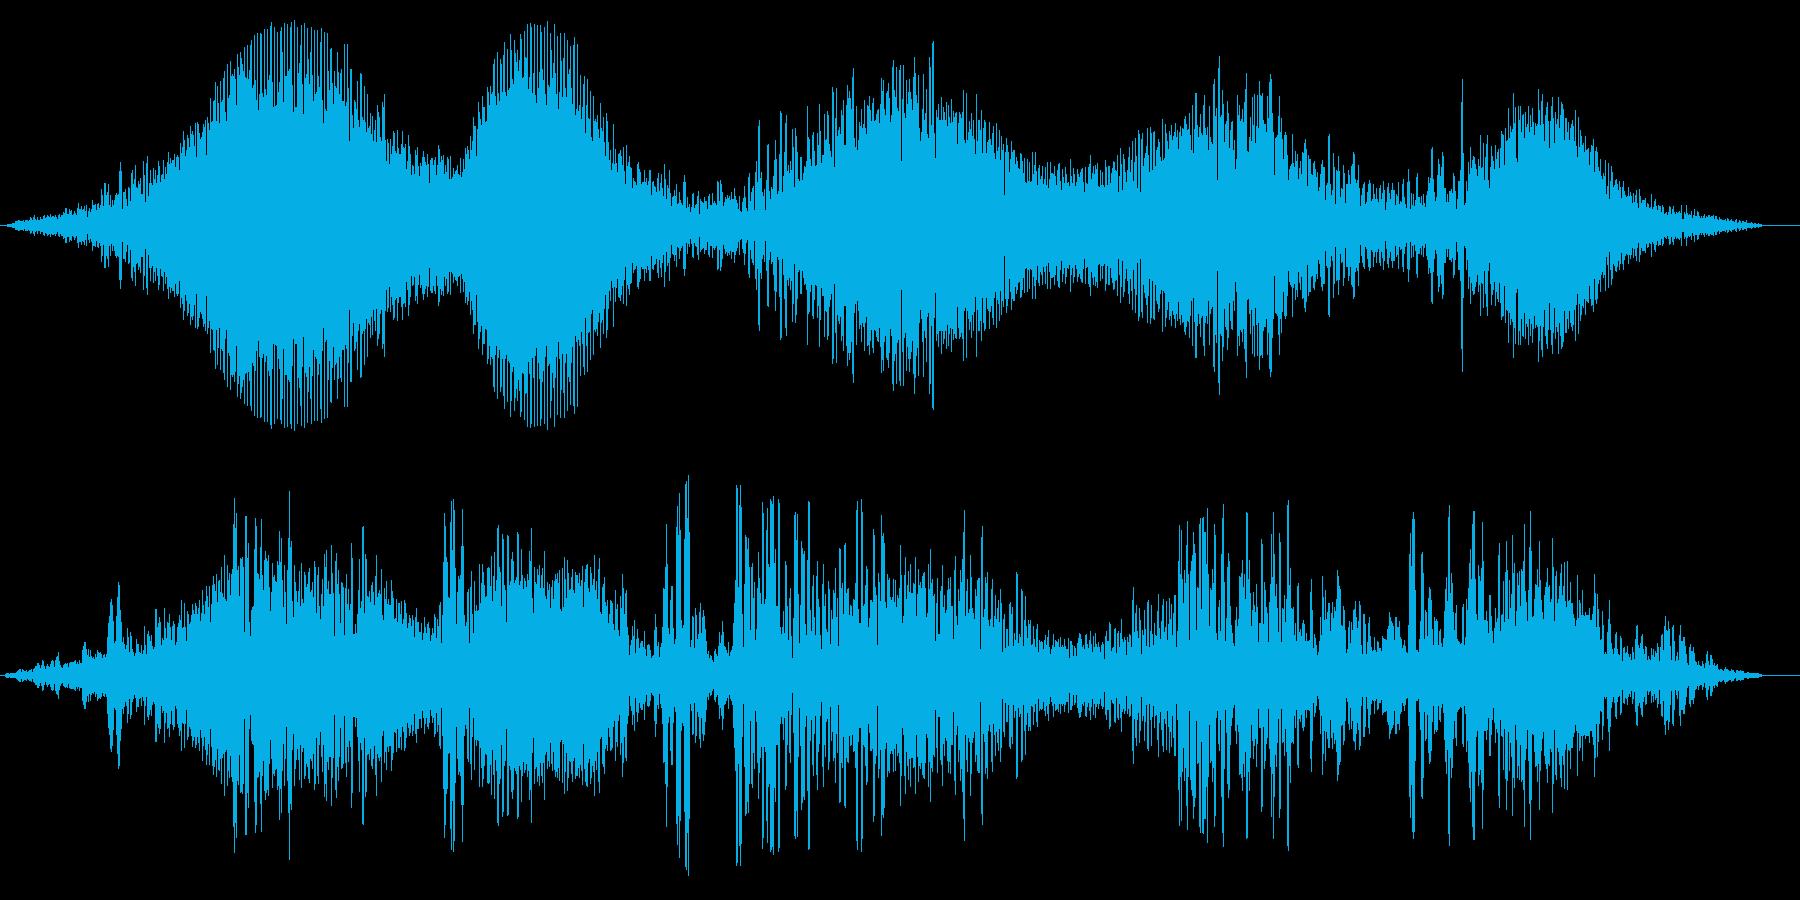 テレビ・ラジオのノイズの再生済みの波形